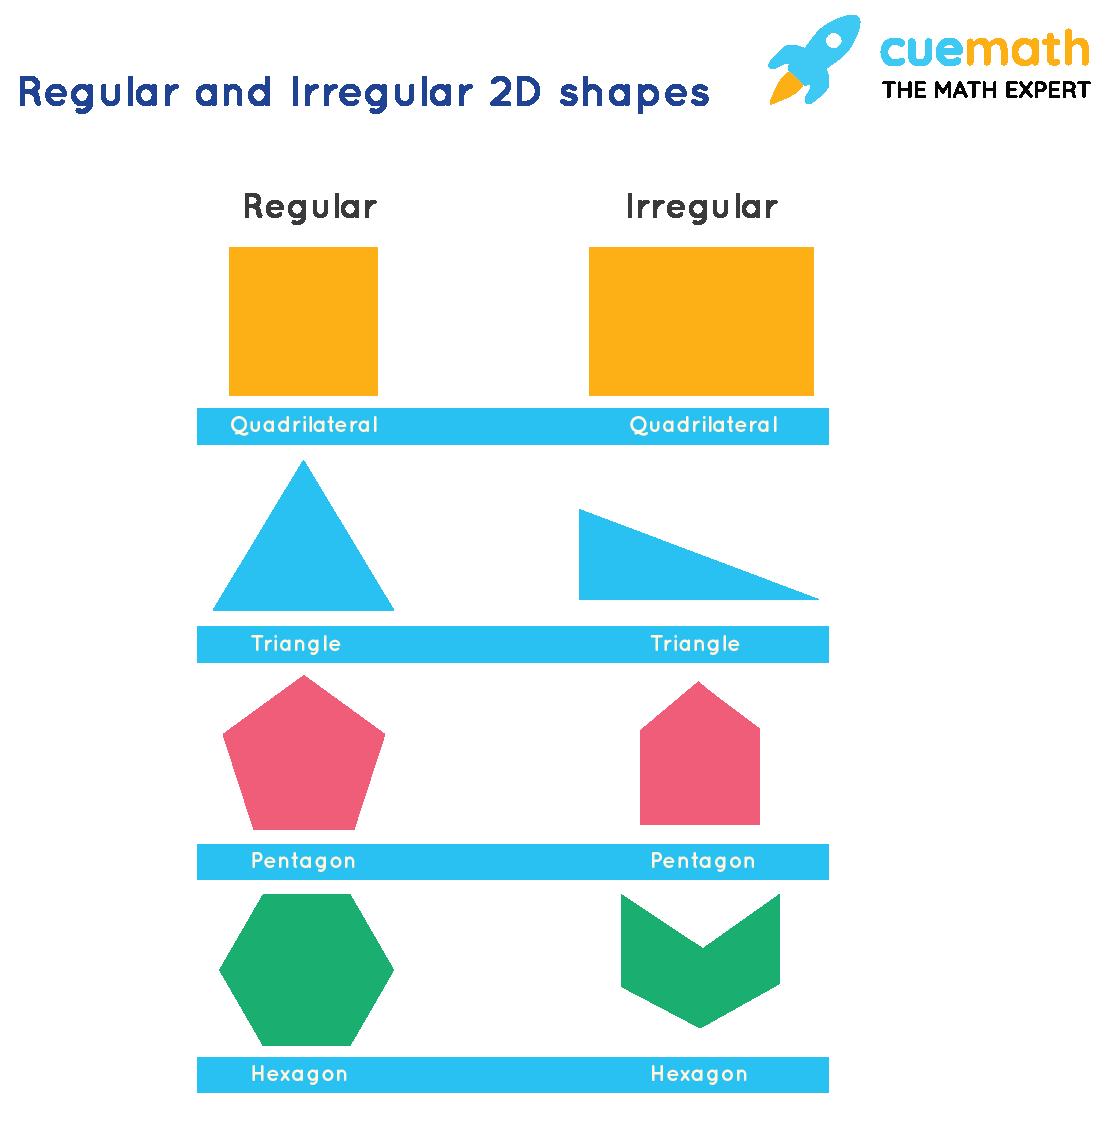 Regular and Irregular 2D Shapes